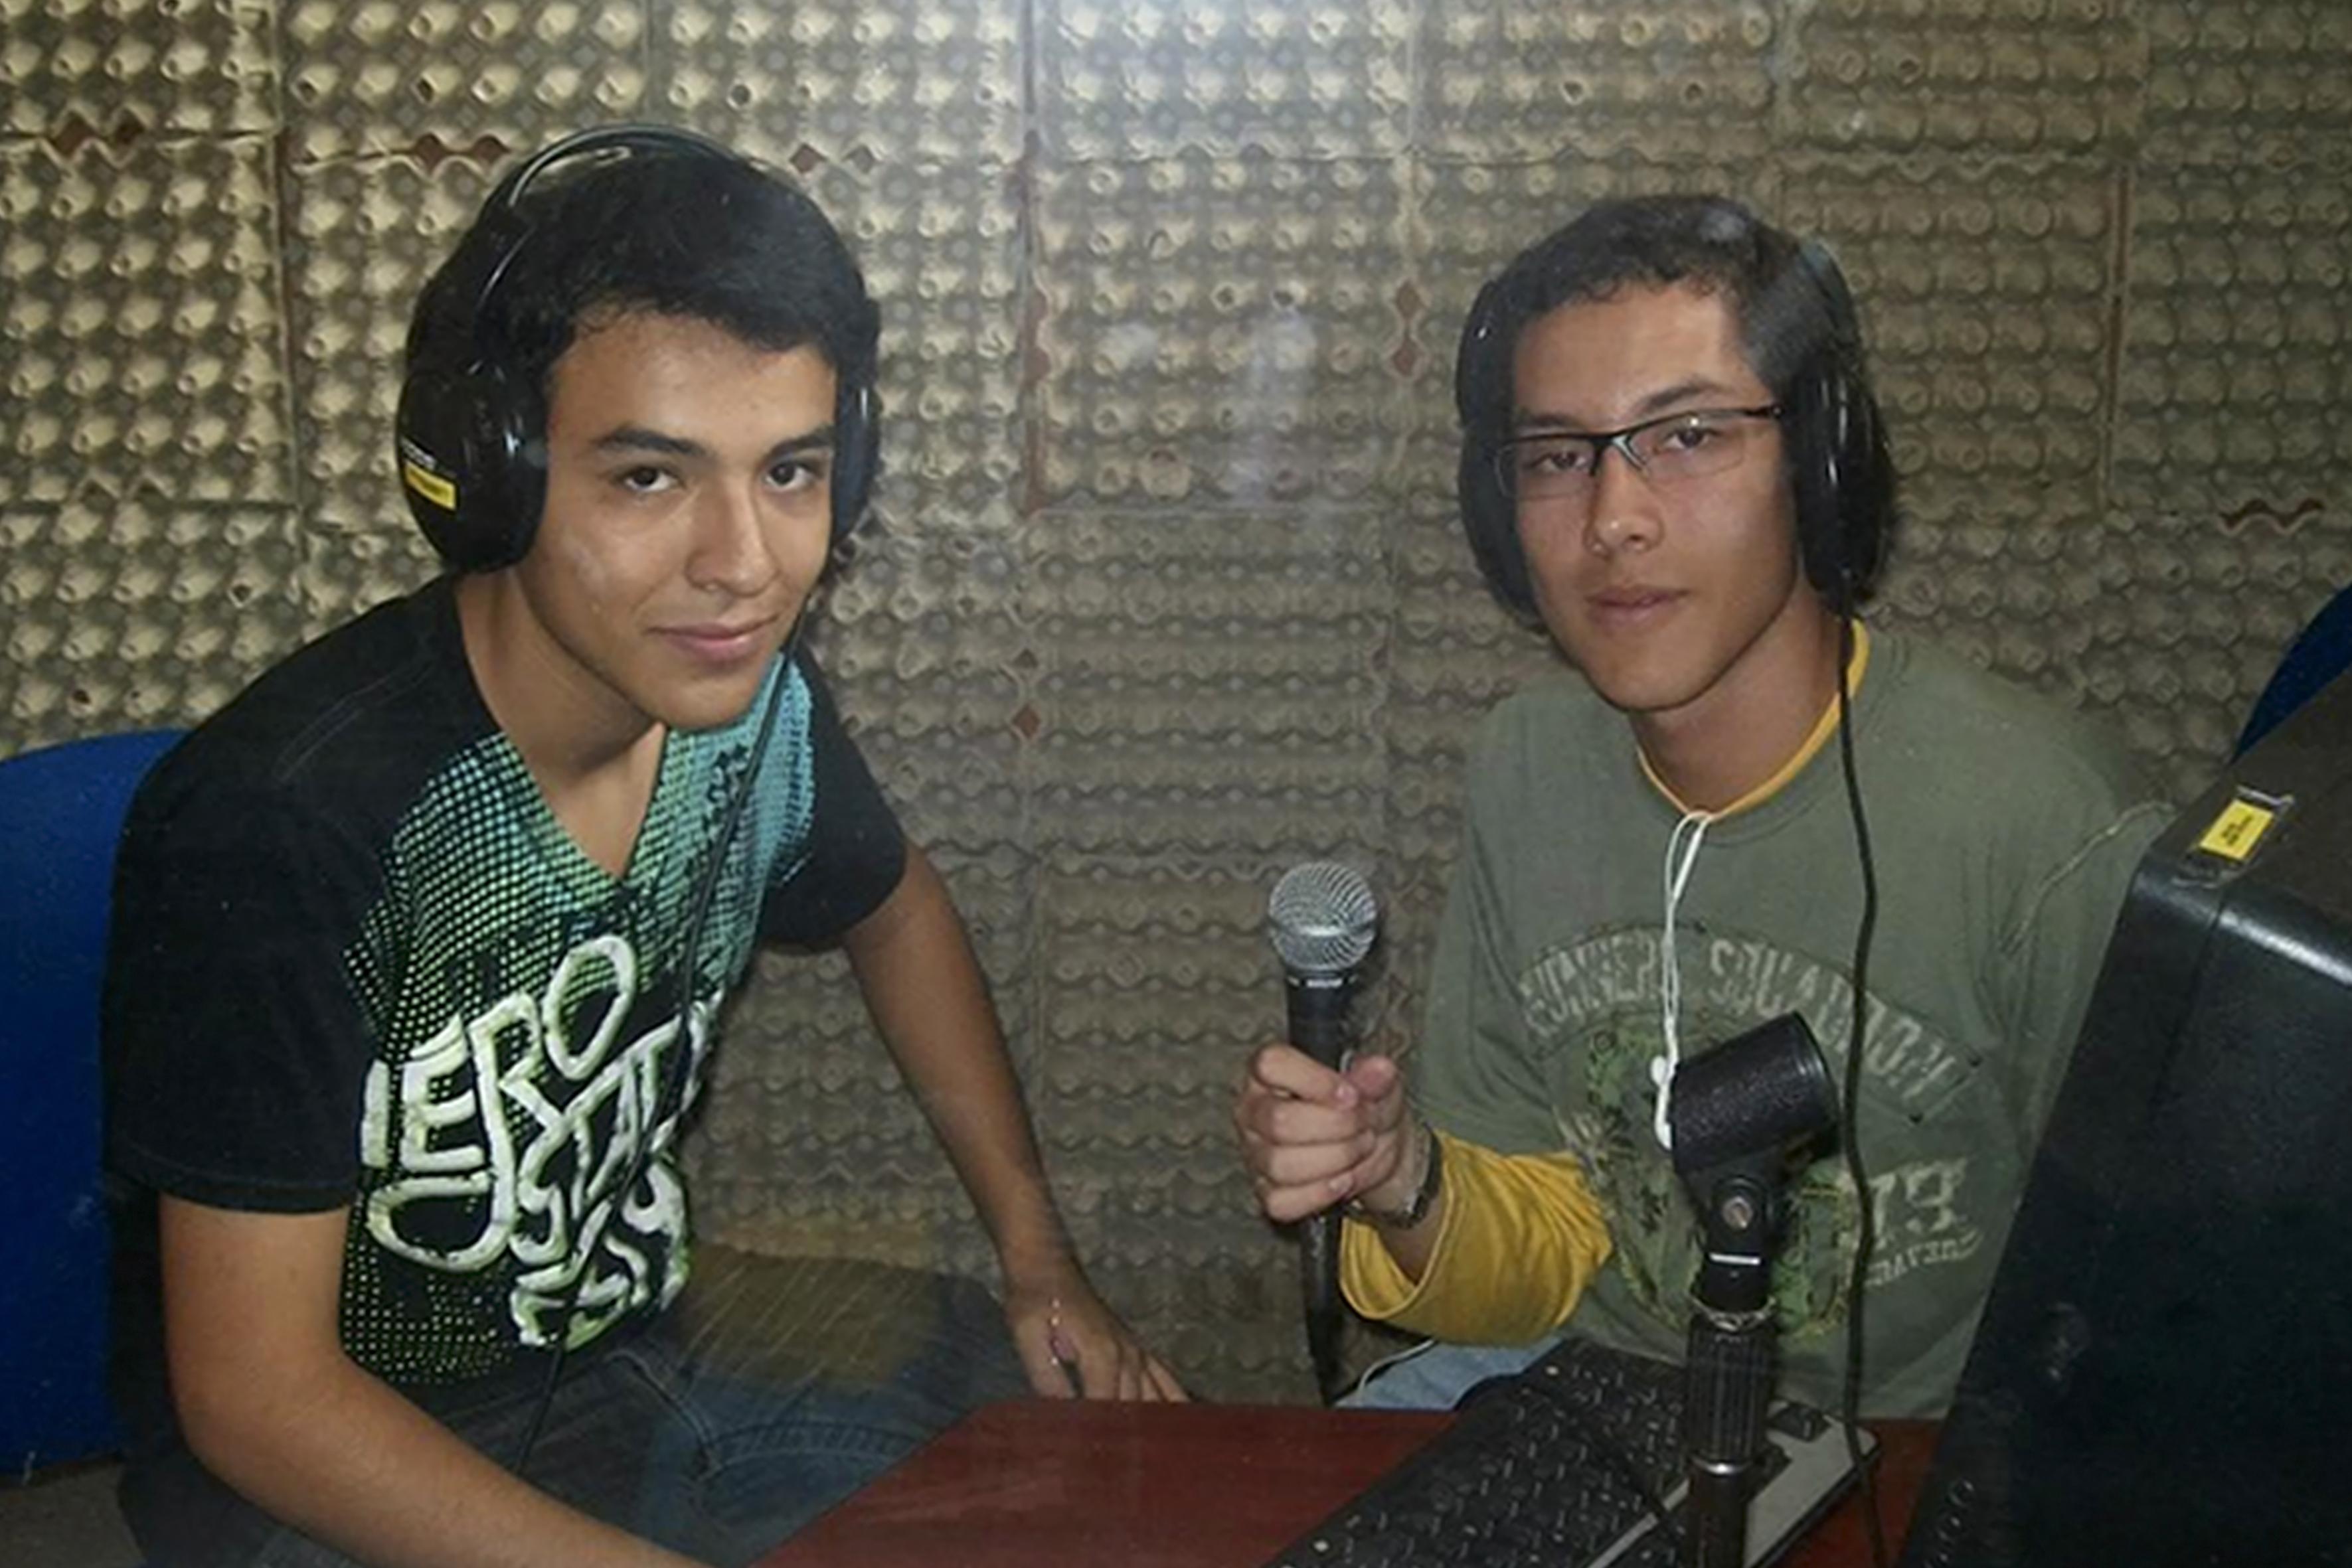 Dos alumnos de SEMS en una cabina de radio